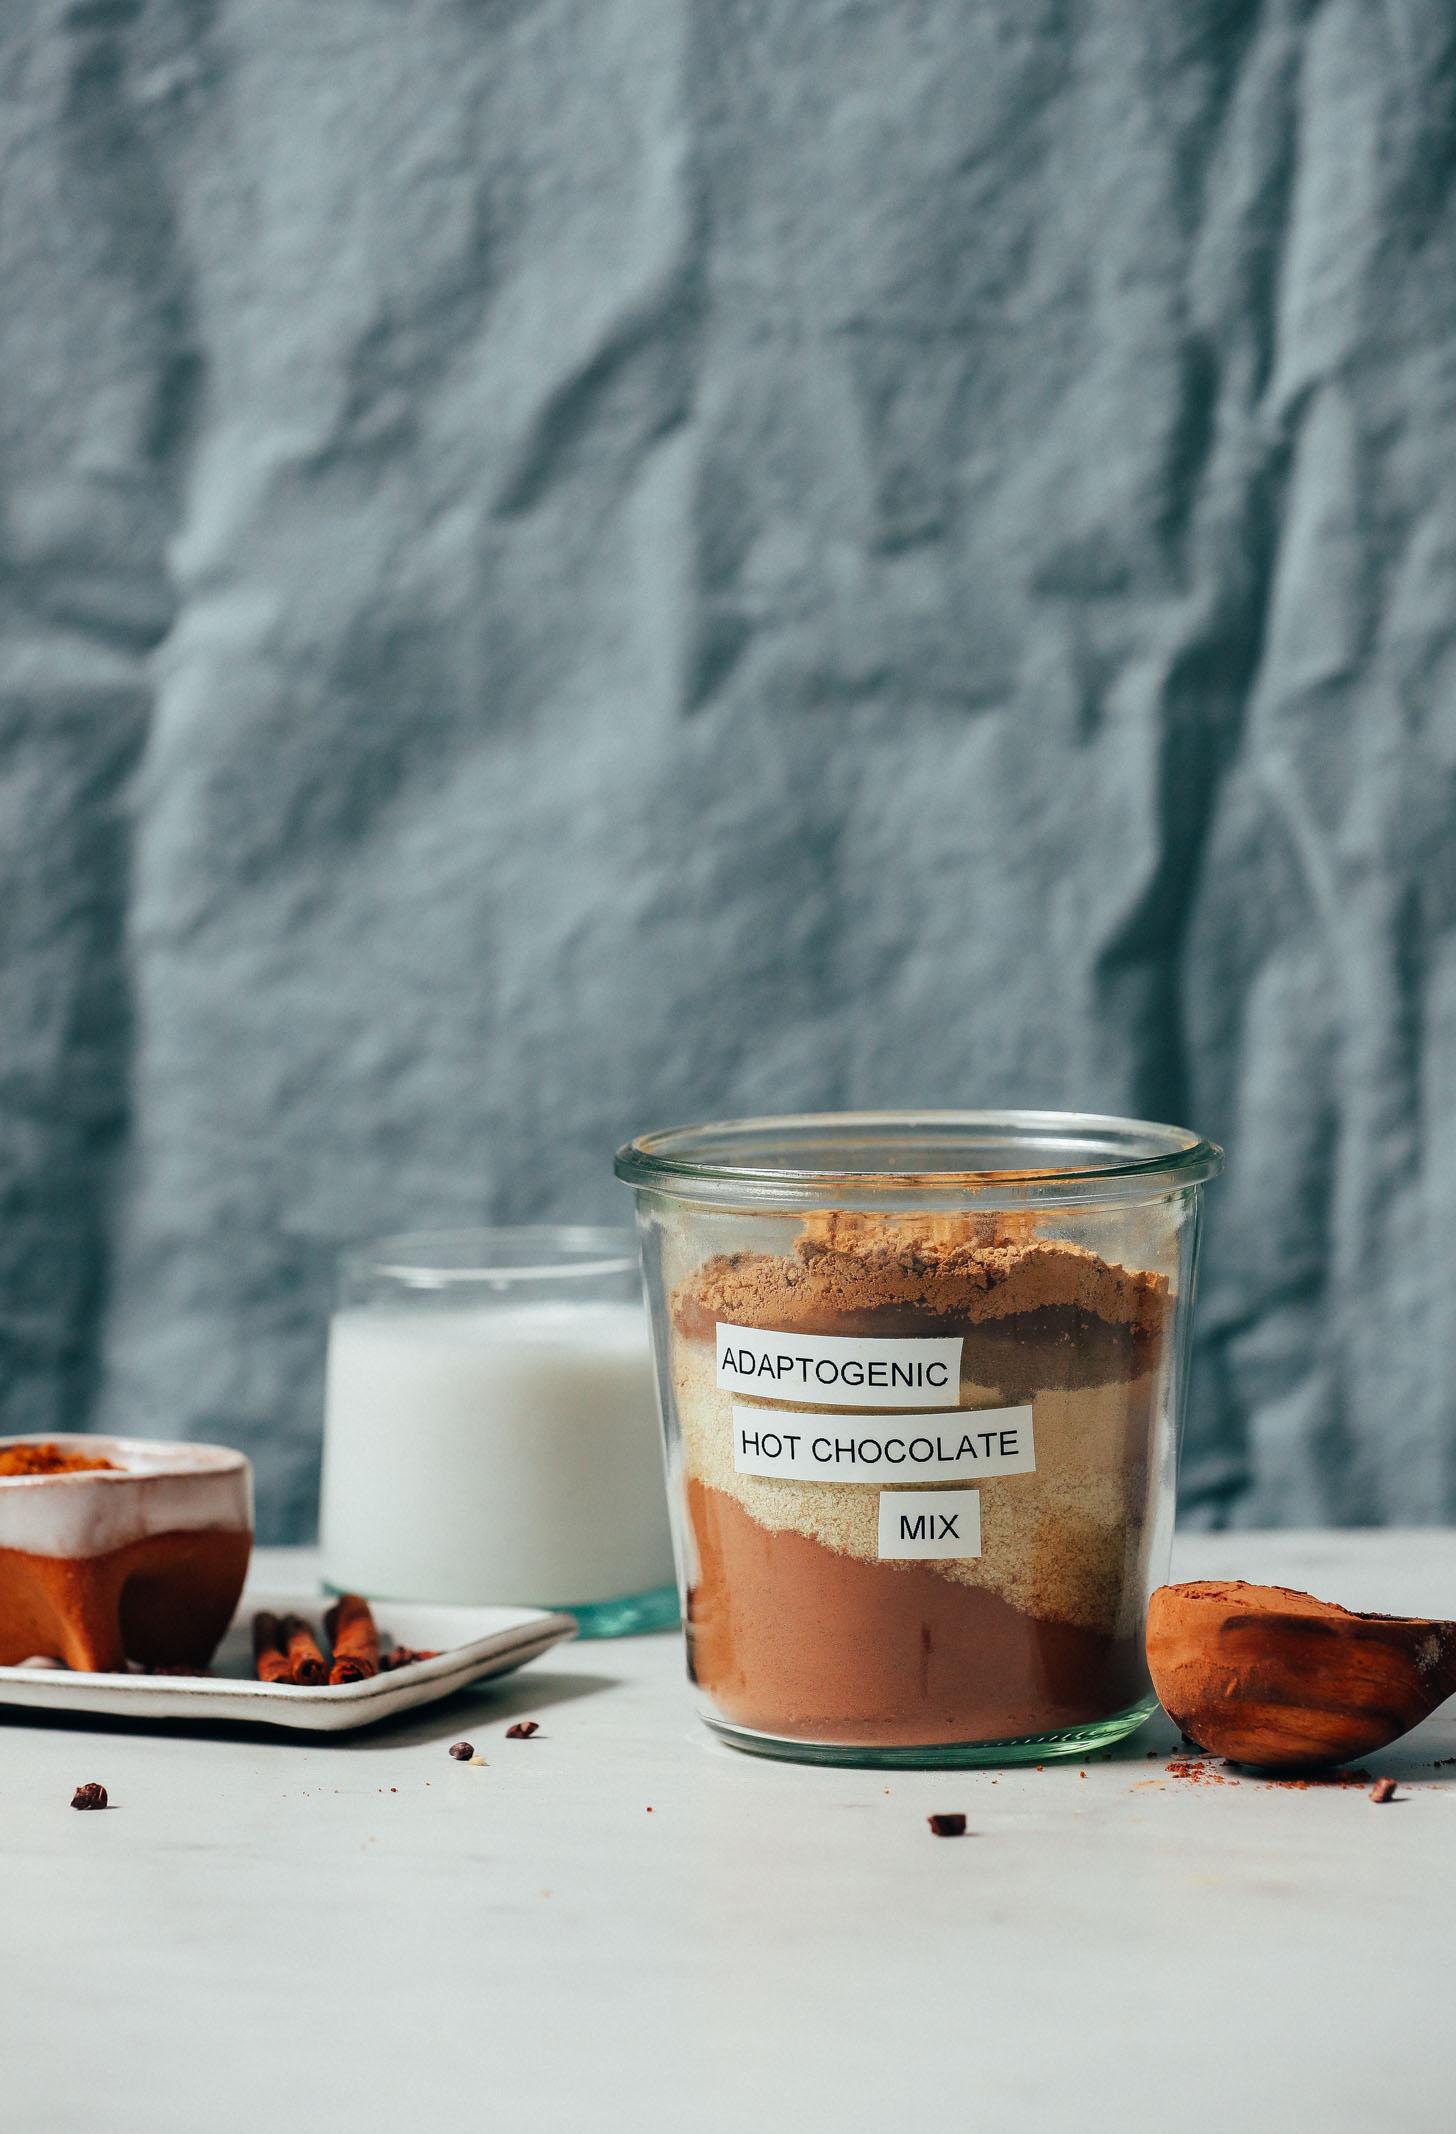 Palitos de canela, cacao en polvo, leche de almendras y azúcar de coco junto a un frasco de mezcla adaptogénica de chocolate caliente